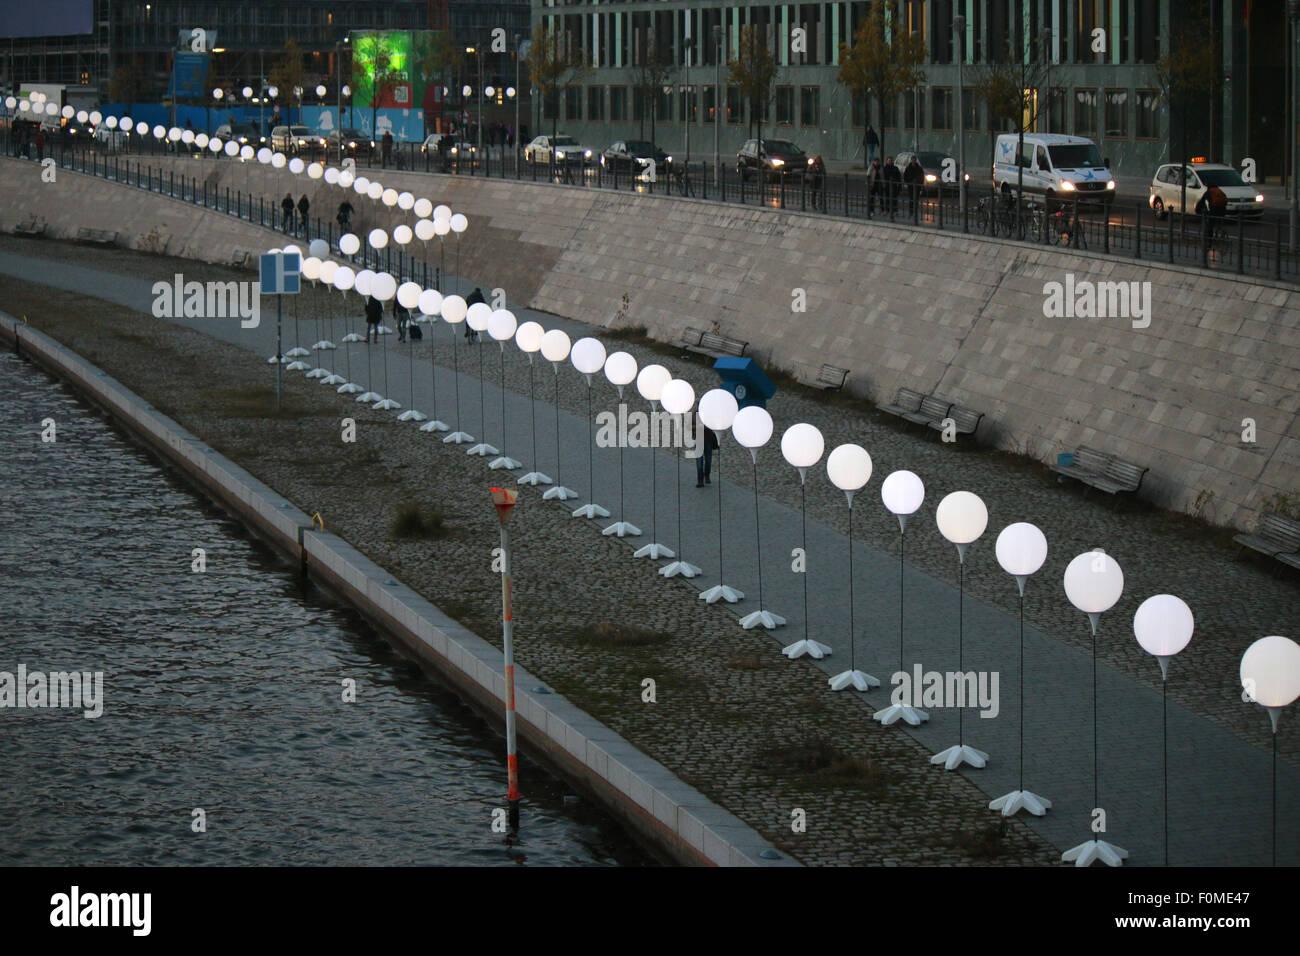 aufgestellte Ballons fuer die Licht-Installation 'Lichtgrenze' vor dem 25 jaehrigen Jubilaeum des Mauerfalls, - Stock Image